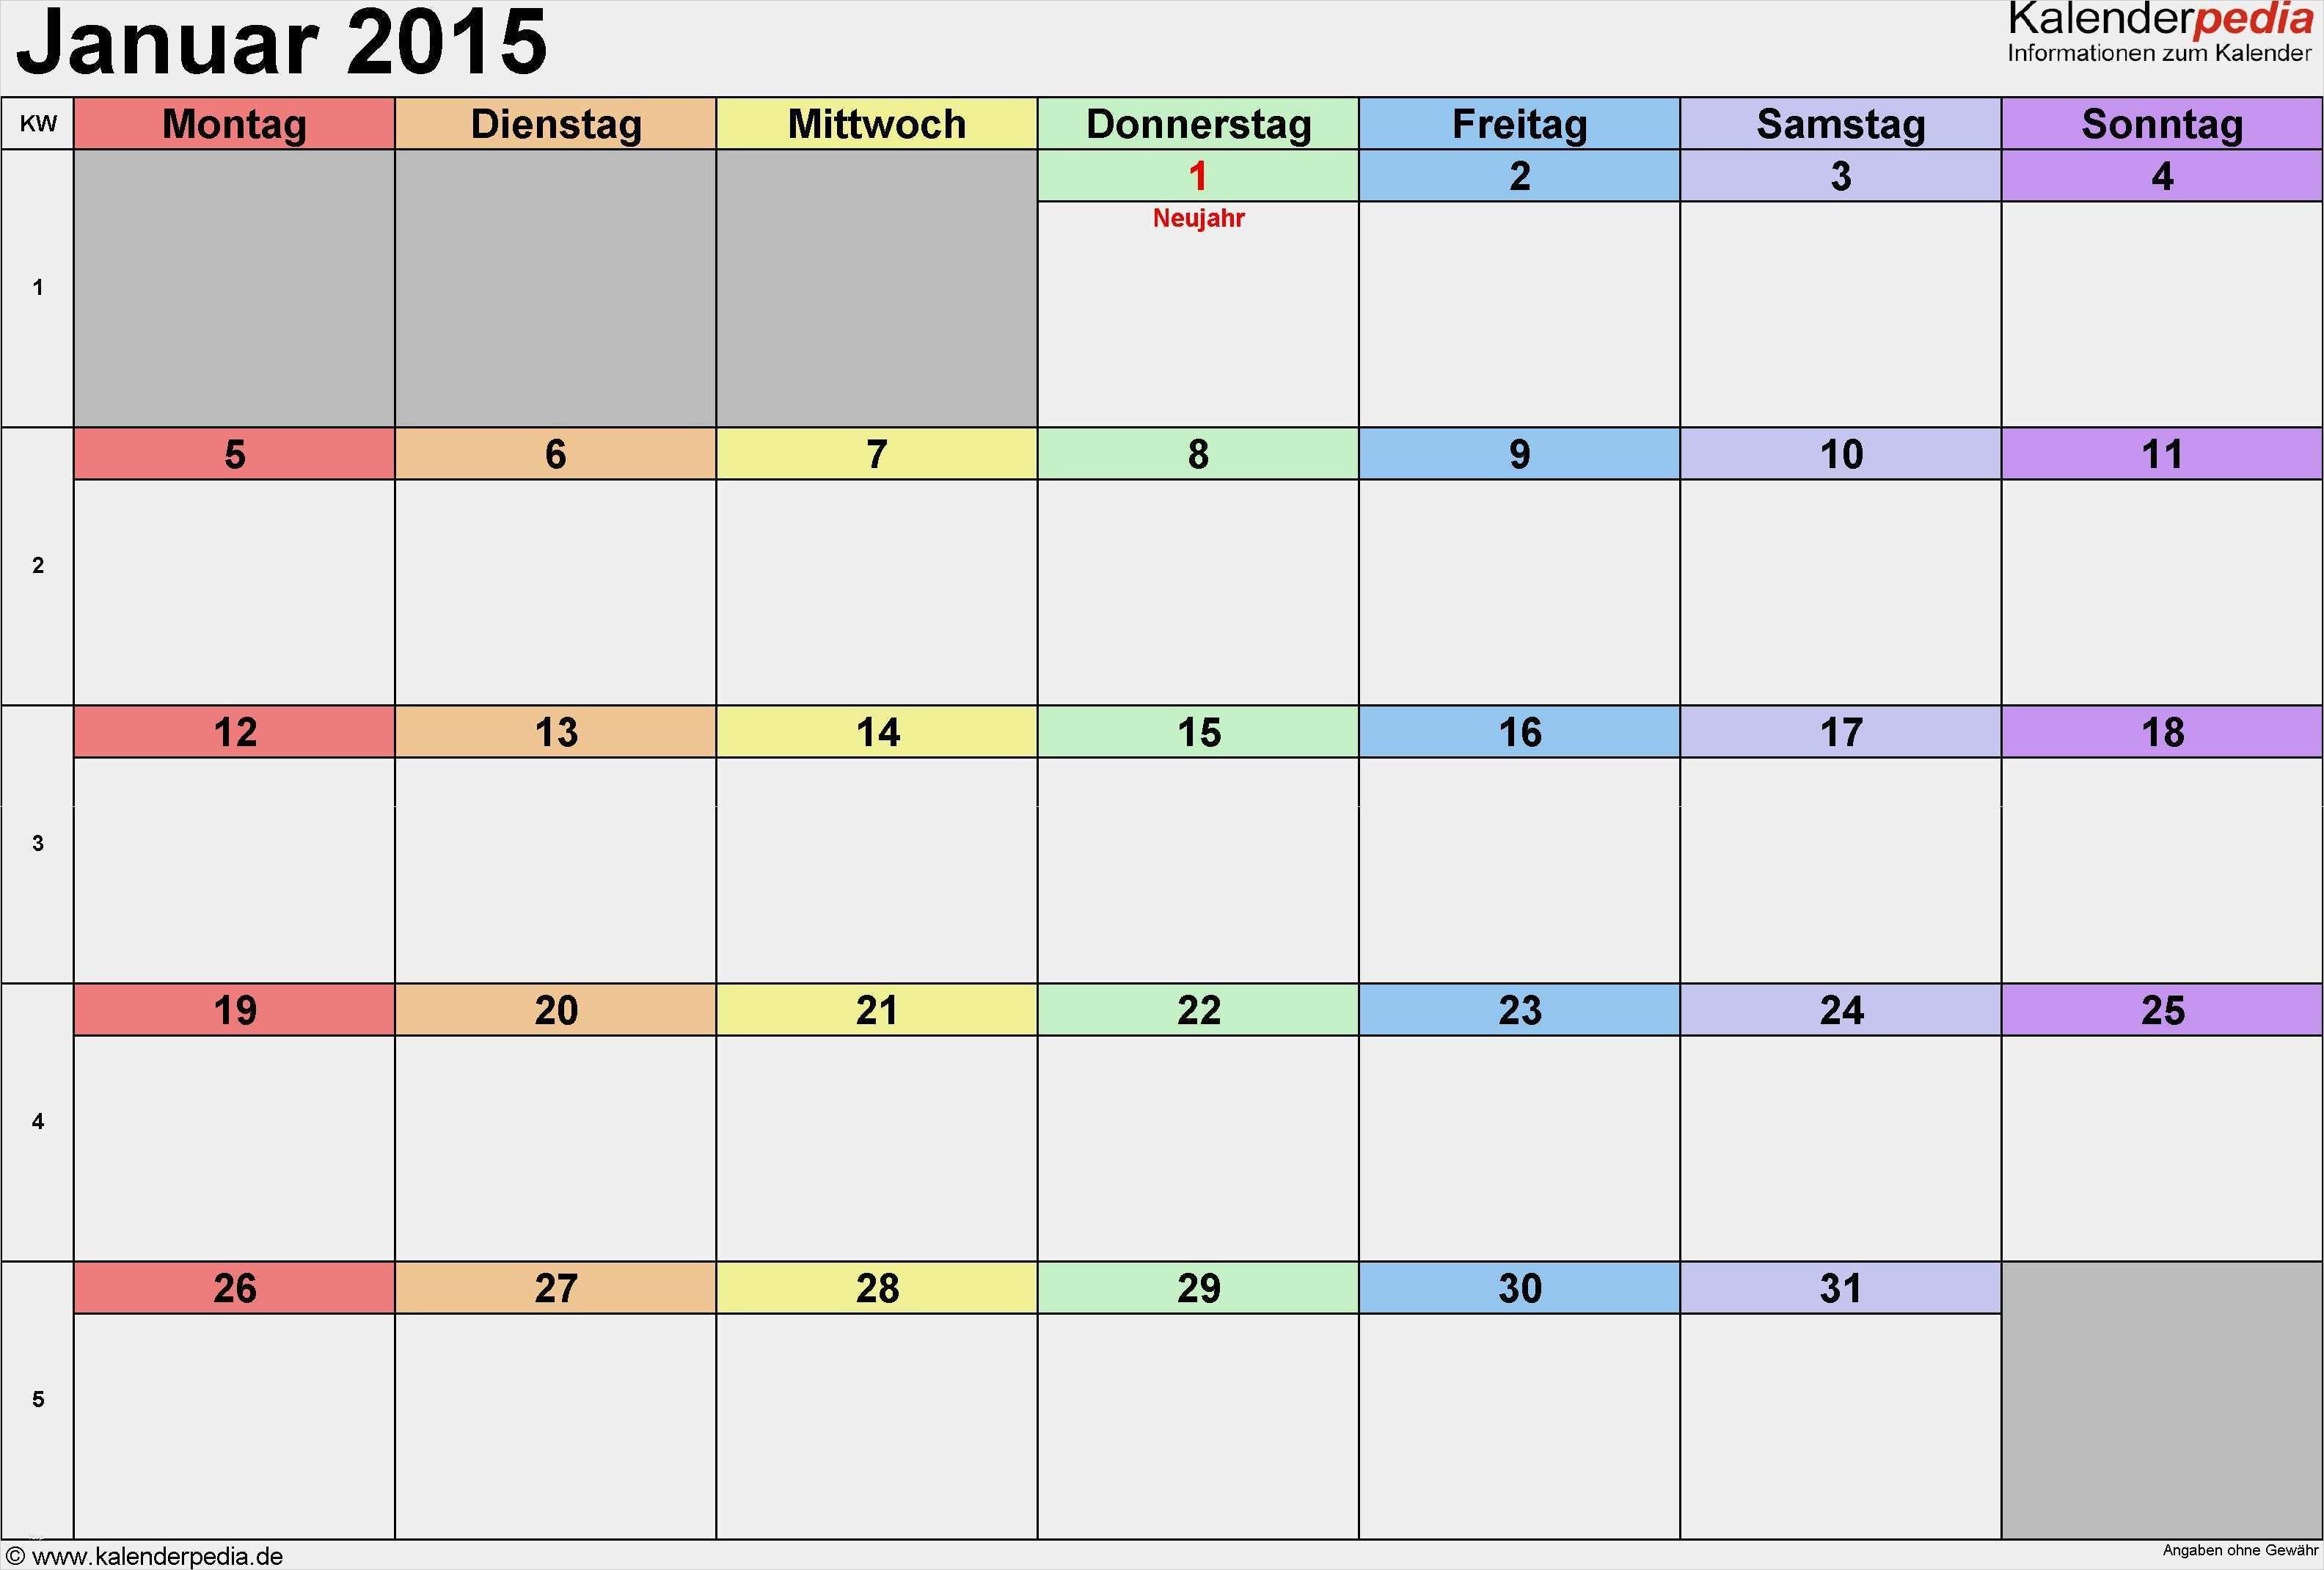 31 Cool Kalender Vorlage Monat Abbildung Excel Vorlage Kalender Vorlagen Kalender